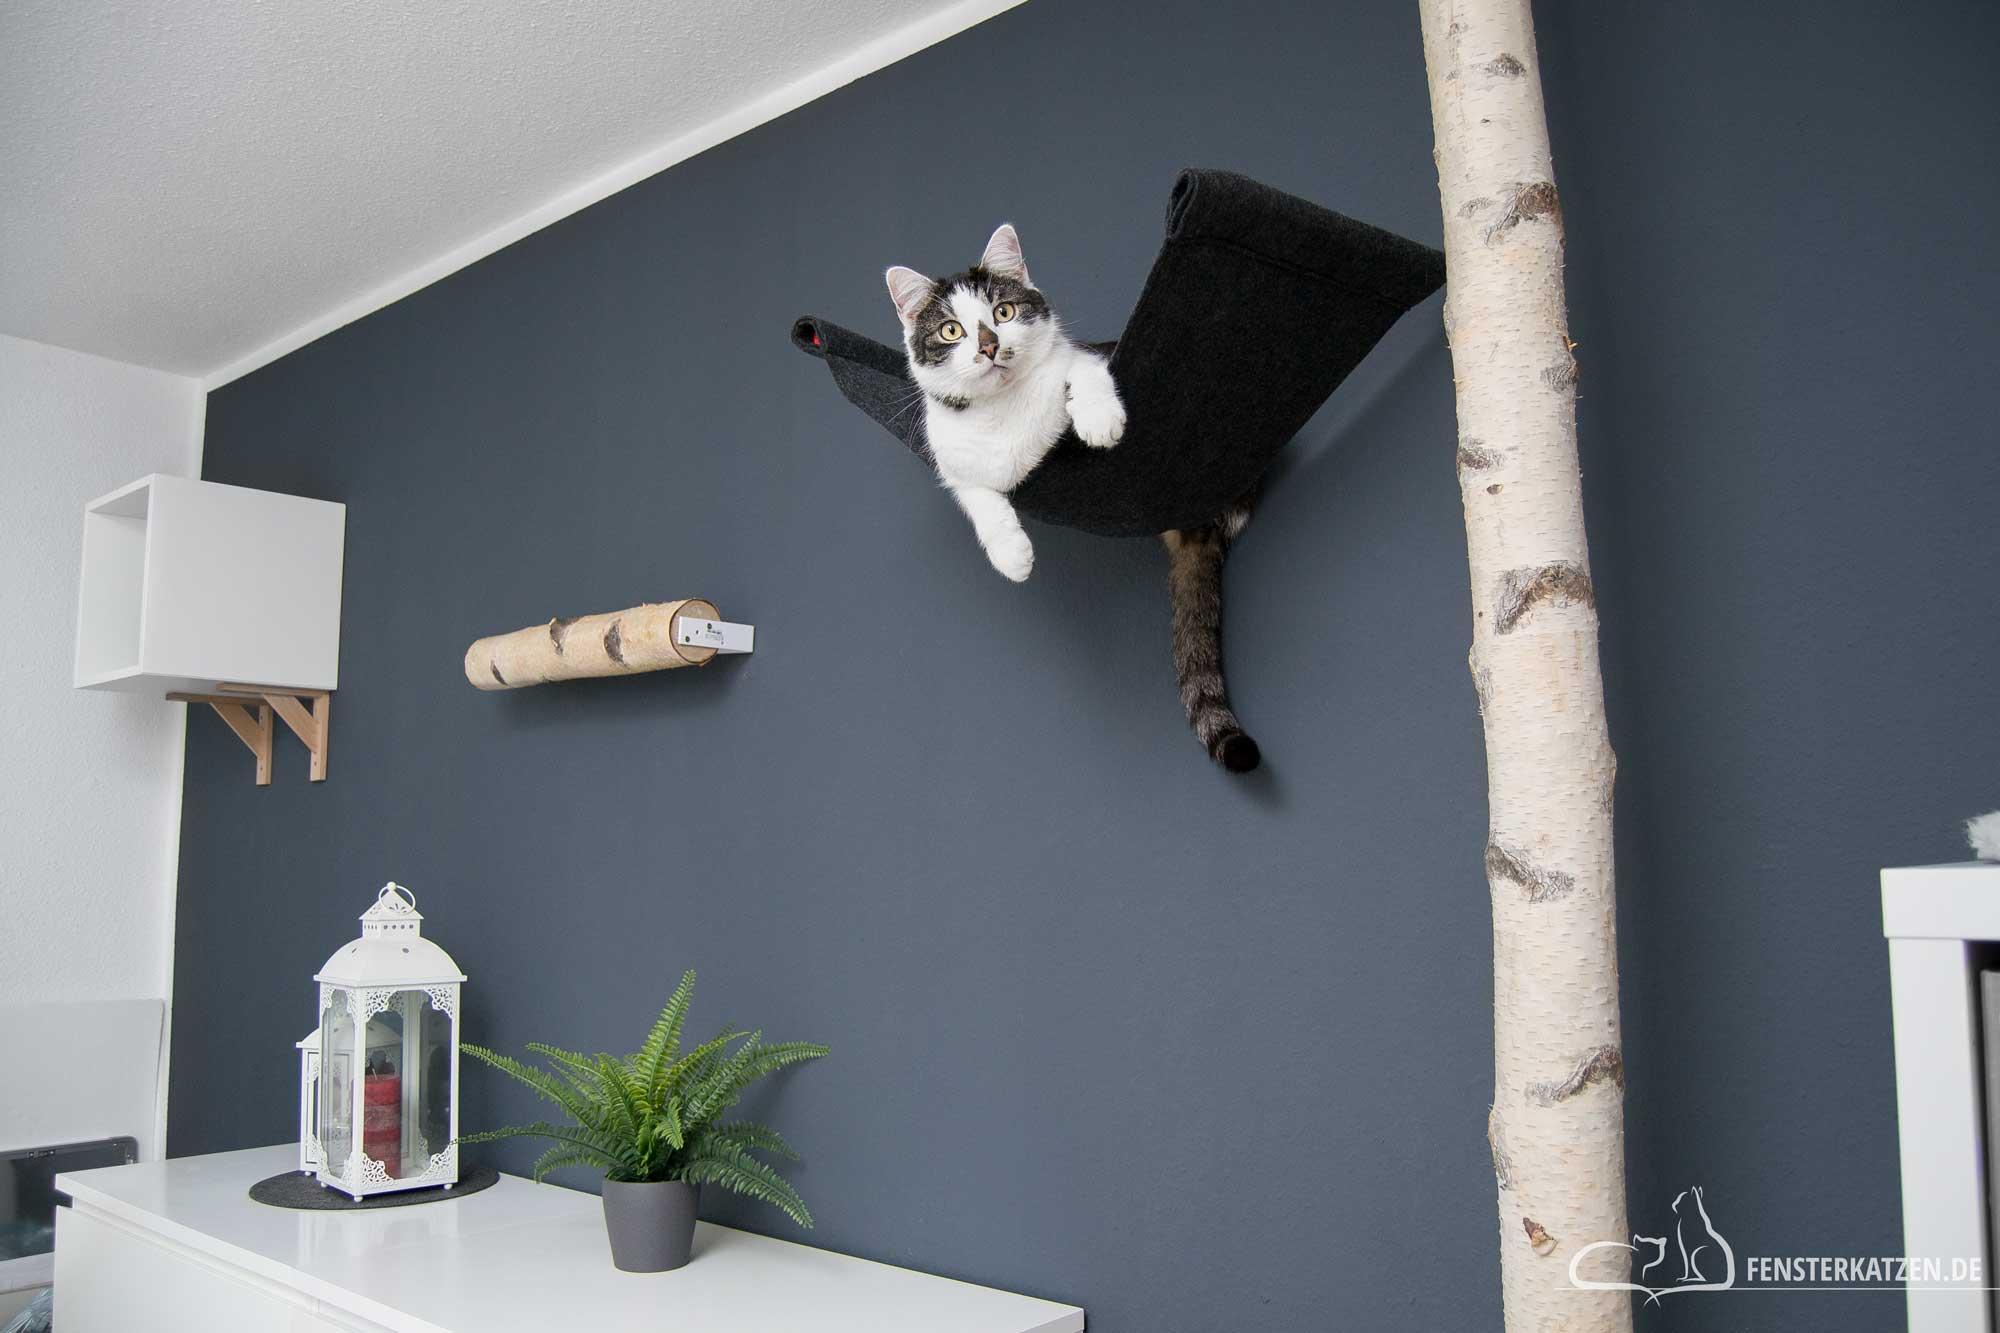 Fensterkatzen-DIY-Catwalk-Kletterwand-Katzen-Titelbild